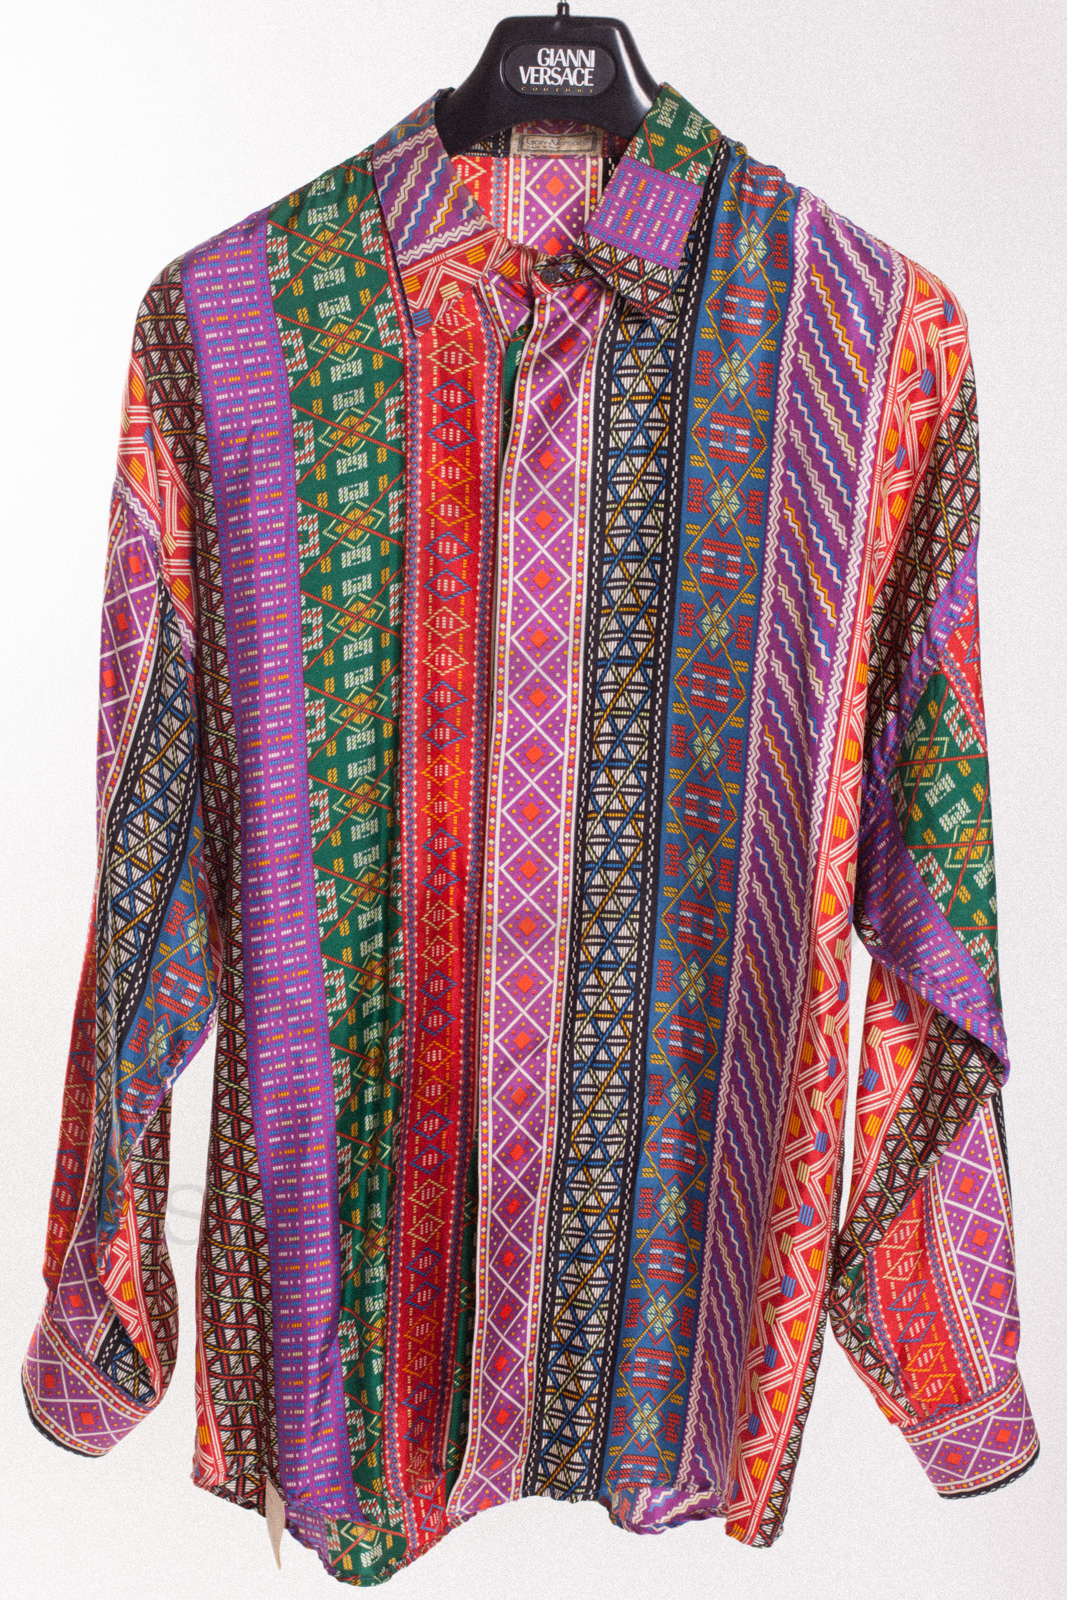 Gianni Versace Silk Shirt Sammy Amp Nino S Store